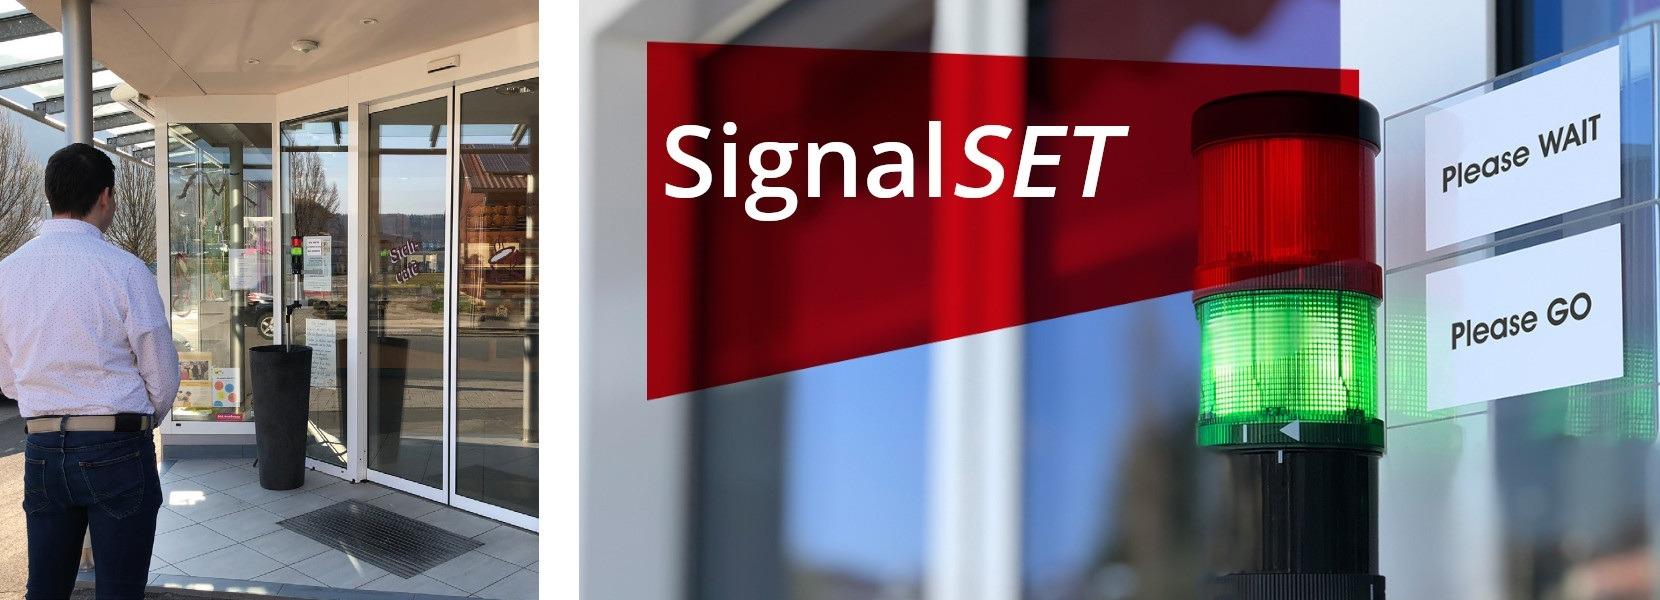 Upravljanje gužvama pomoću SignalSET signalizacije